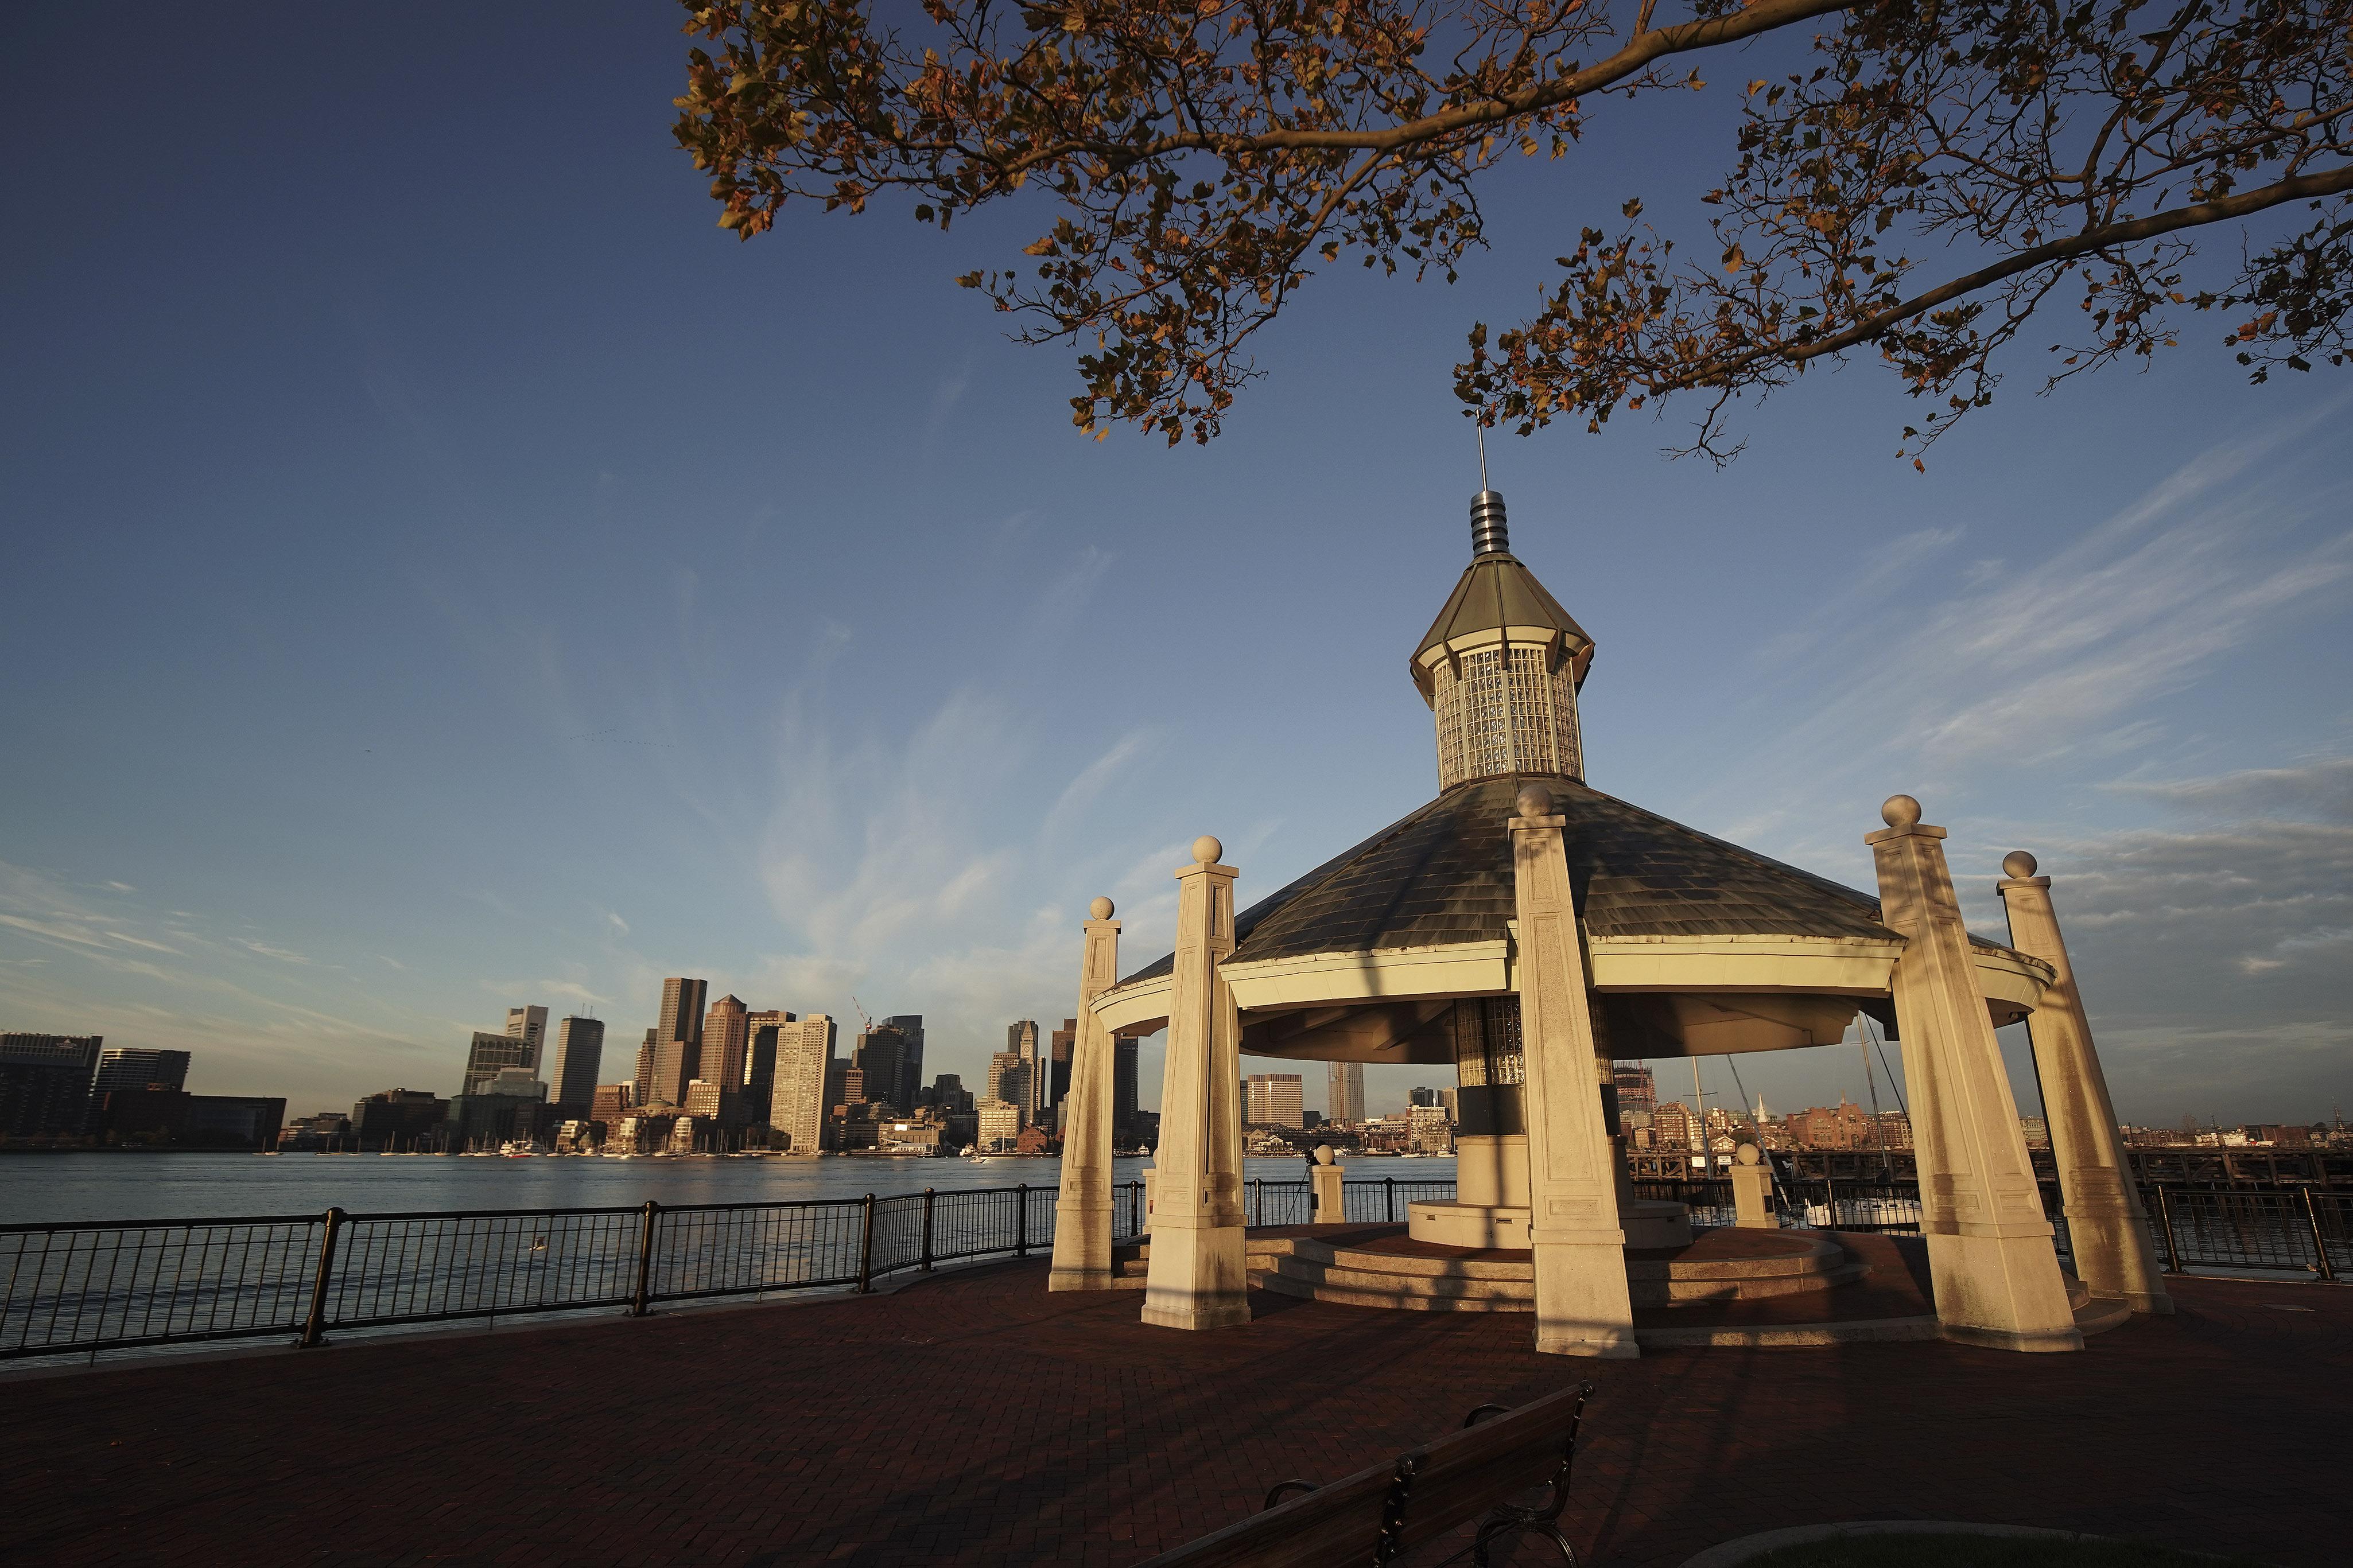 The sun rises on Jeffries Point in Boston on Sunday, Oct. 20, 2019.